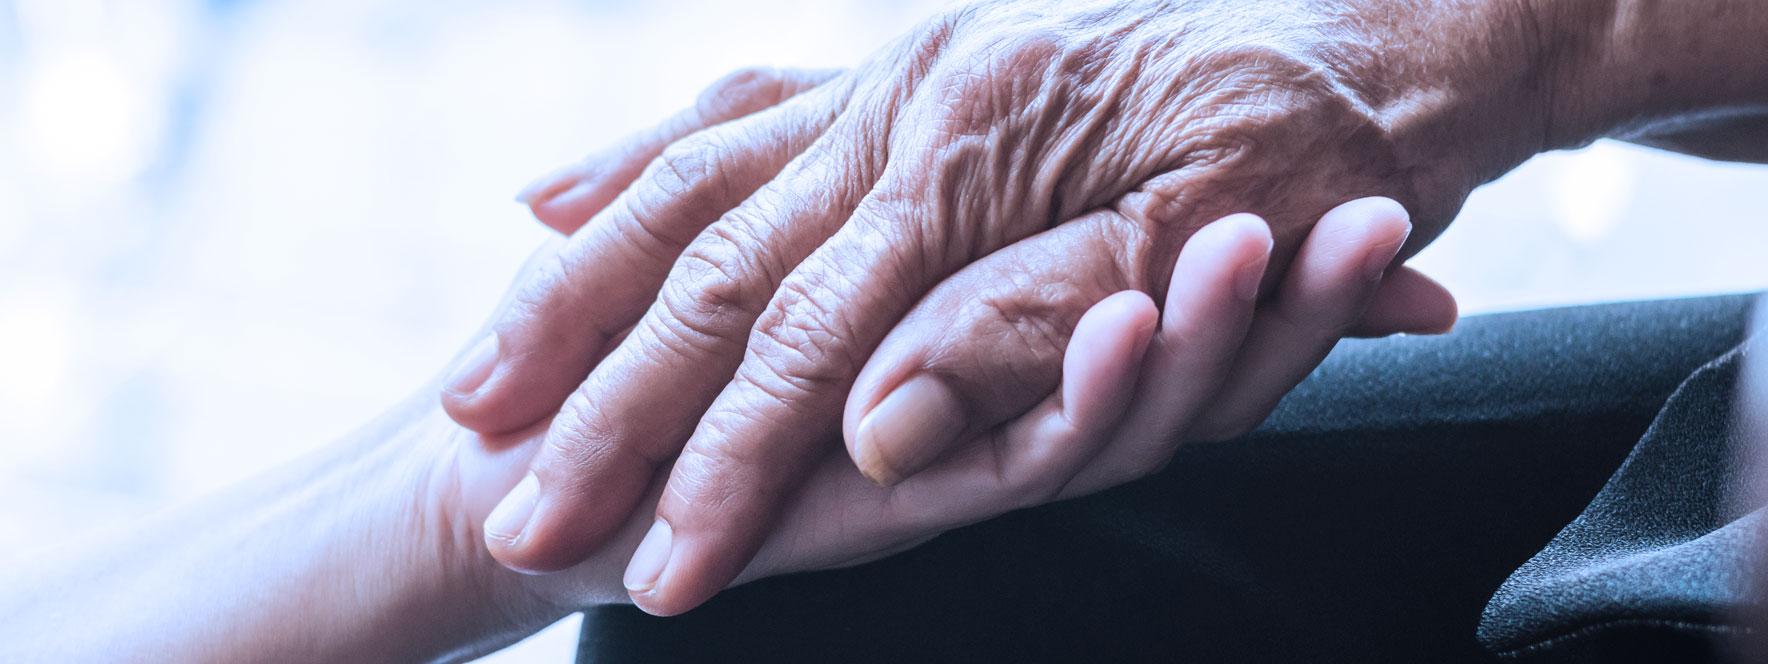 Les effets du massage sur l'Alzheimer - Blogue du Réseau